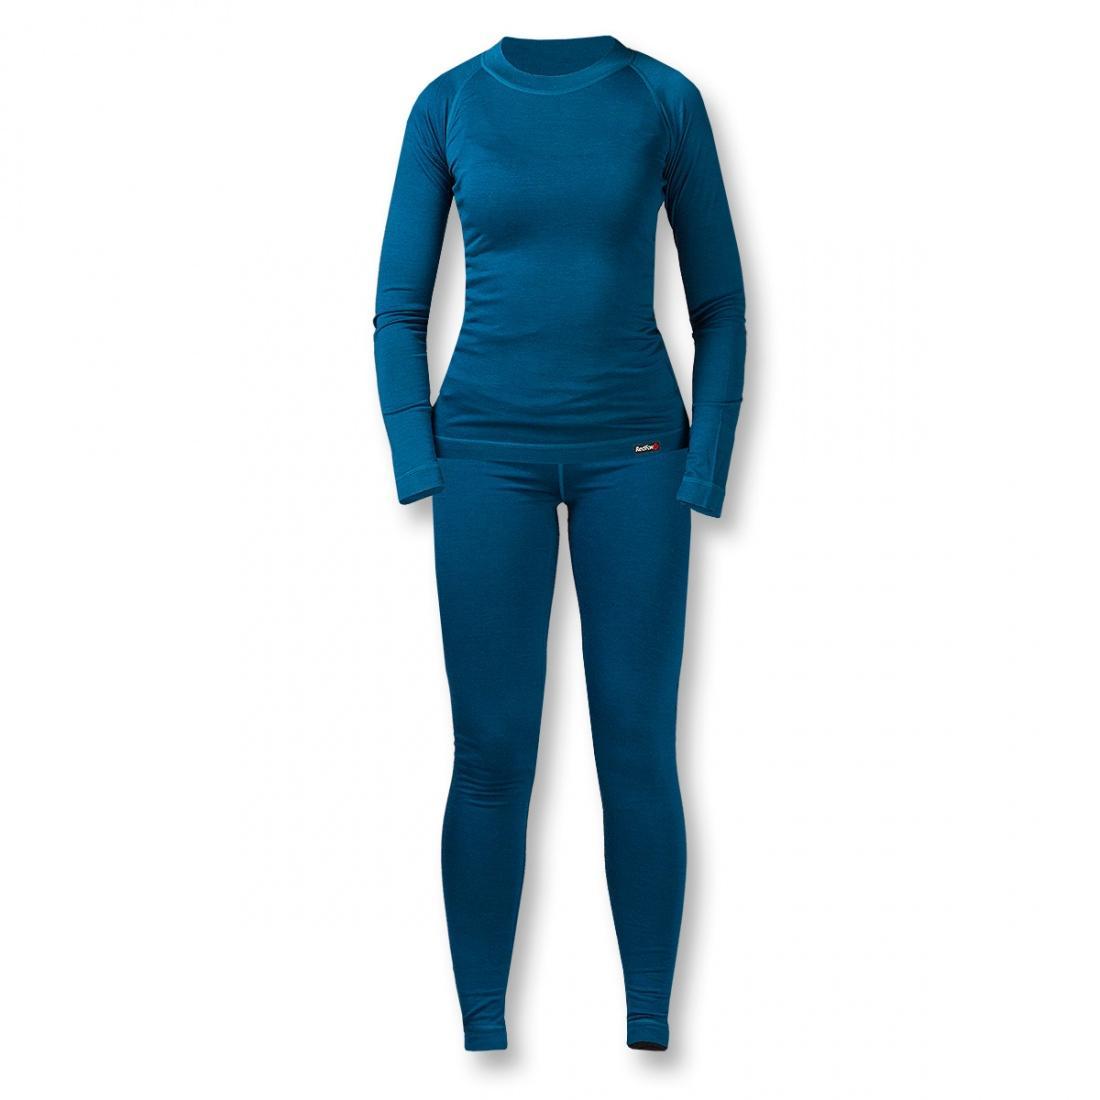 Термобелье костюм Wool Dry Light ЖенскийКомплекты<br><br> Тончайшее термобелье для женщин из мериносовой шерсти: оно достаточно теплое и пуловер можно носить как самостоятельный элемент одежд...<br><br>Цвет: Синий<br>Размер: 50